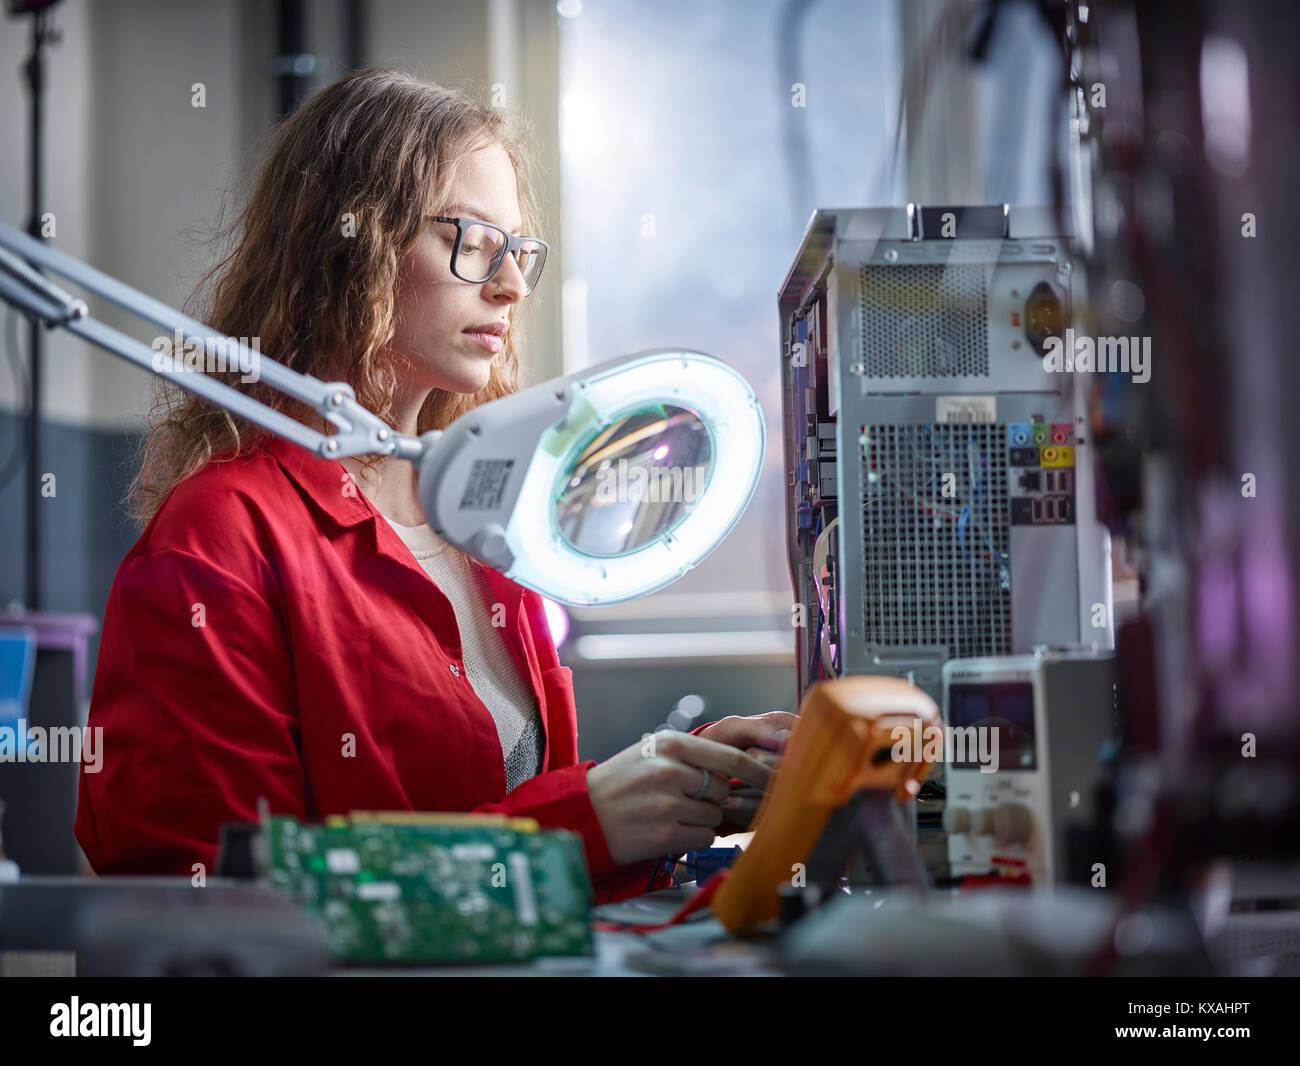 Technicien mesures avec un appareil de mesure dans un laboratoire électronique, Autriche Photo Stock